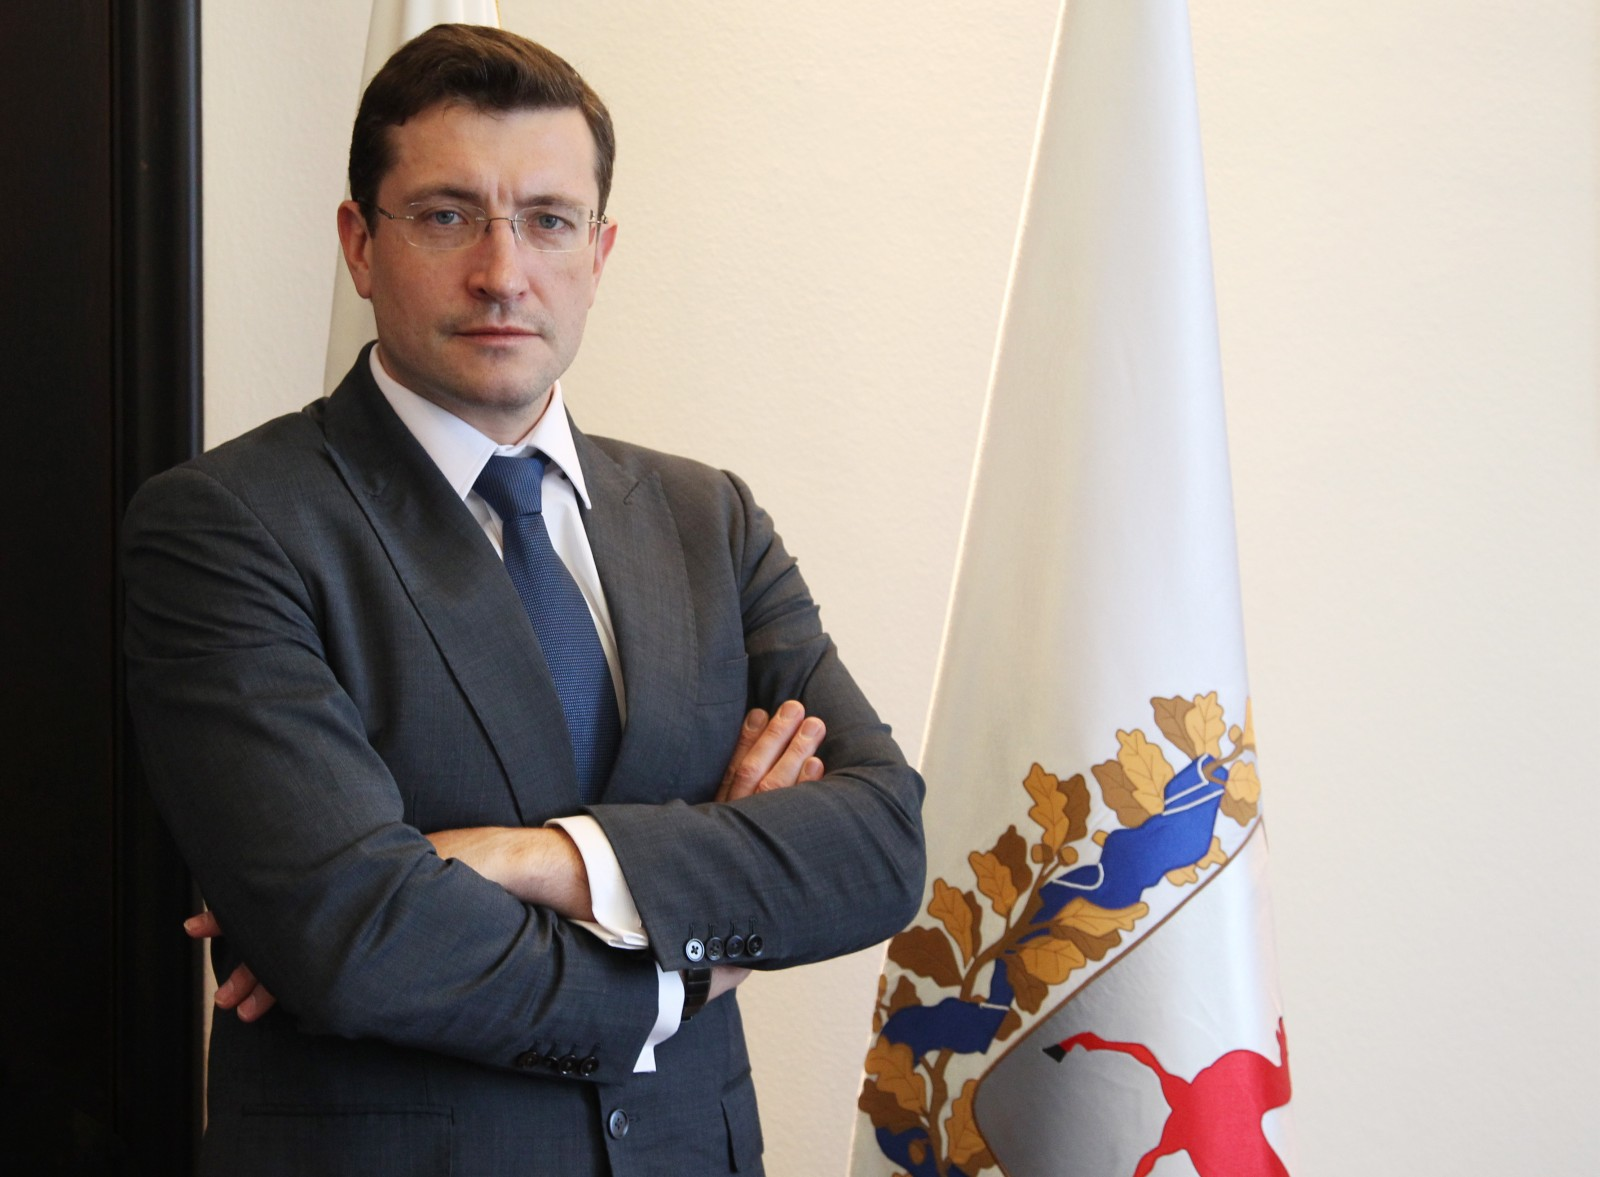 Губернатор заявил о необходимости сохранения исторического облика Нижнего Новгорода - фото 1